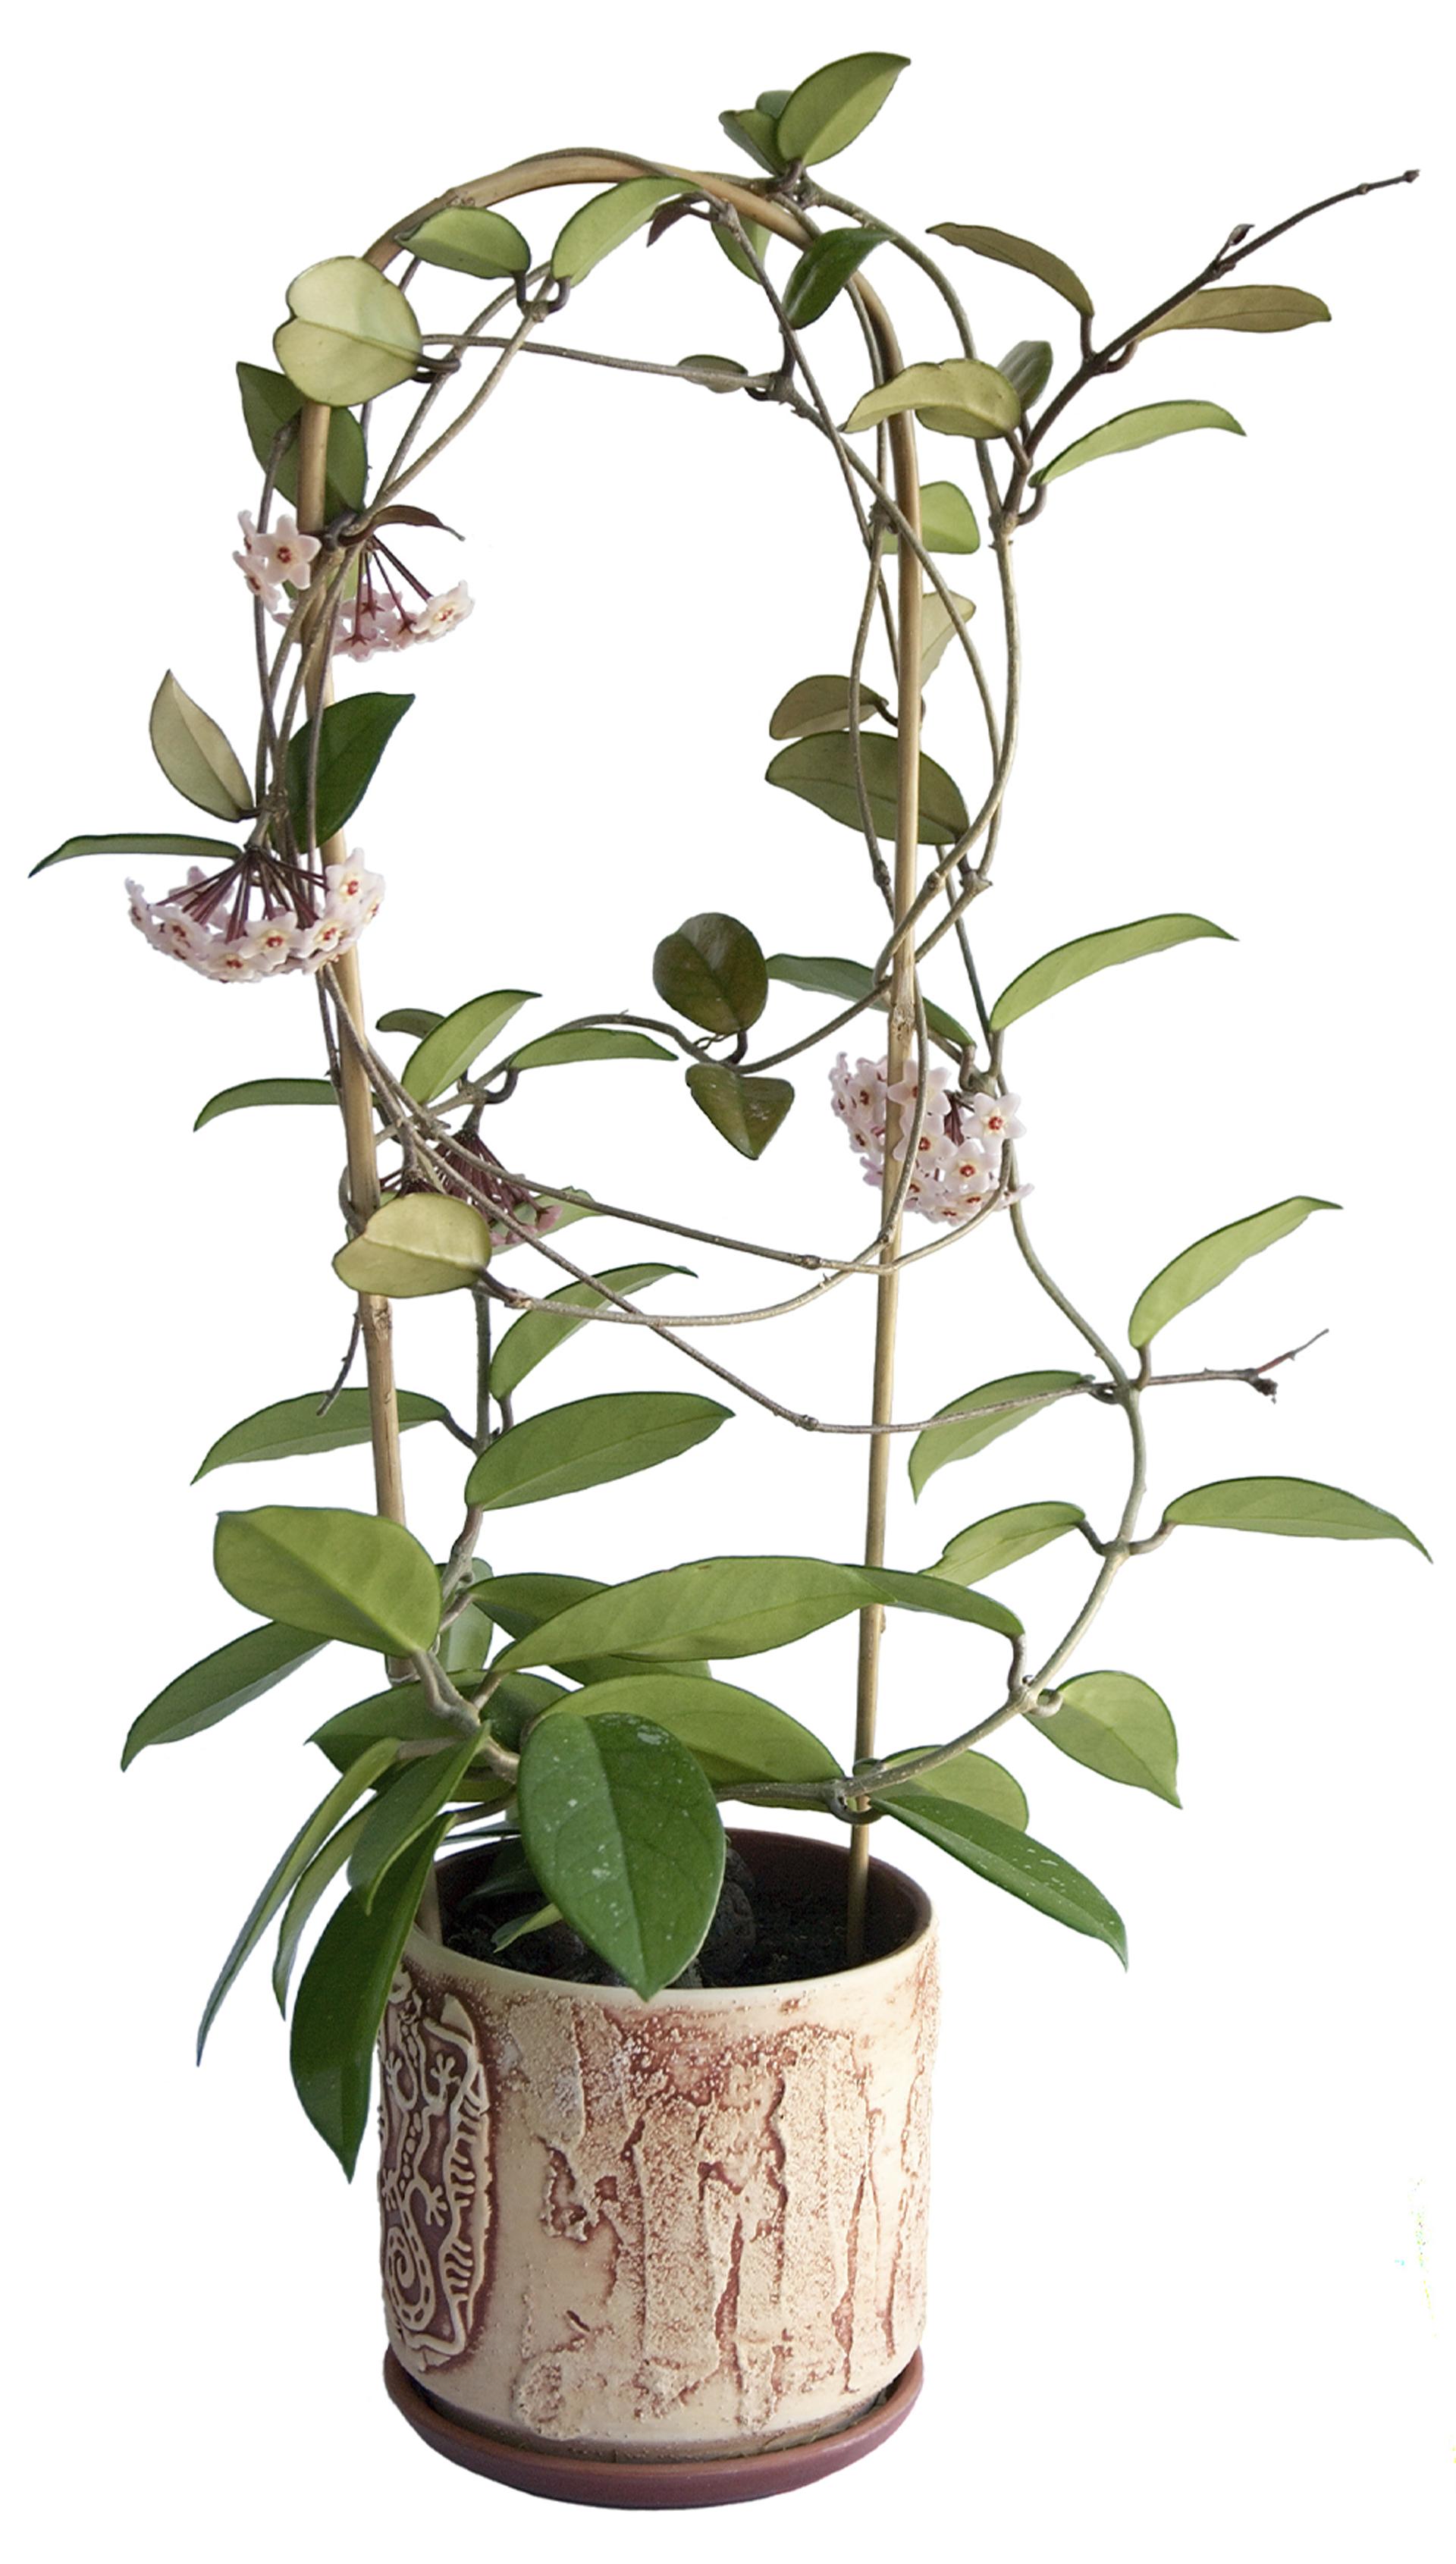 Pipaplantje - Hoya